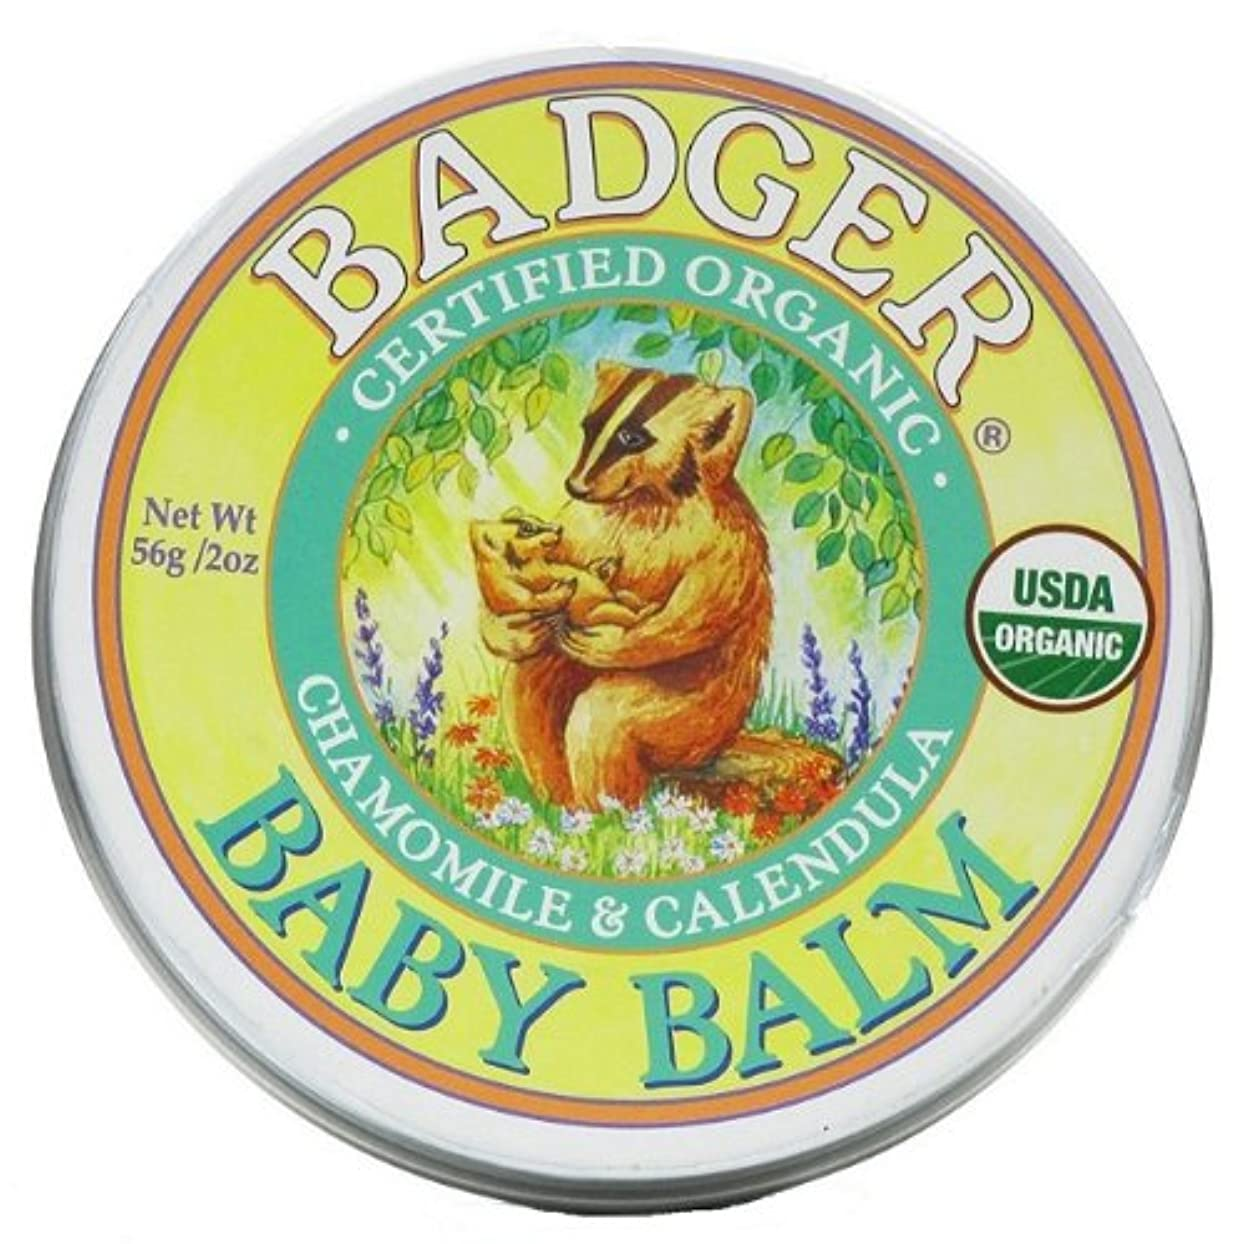 キルトなんとなく情緒的Badger バジャー オーガニックベビークリーム カモミール & カレンドラ【大サイズ】 56g【海外直送品】【並行輸入品】